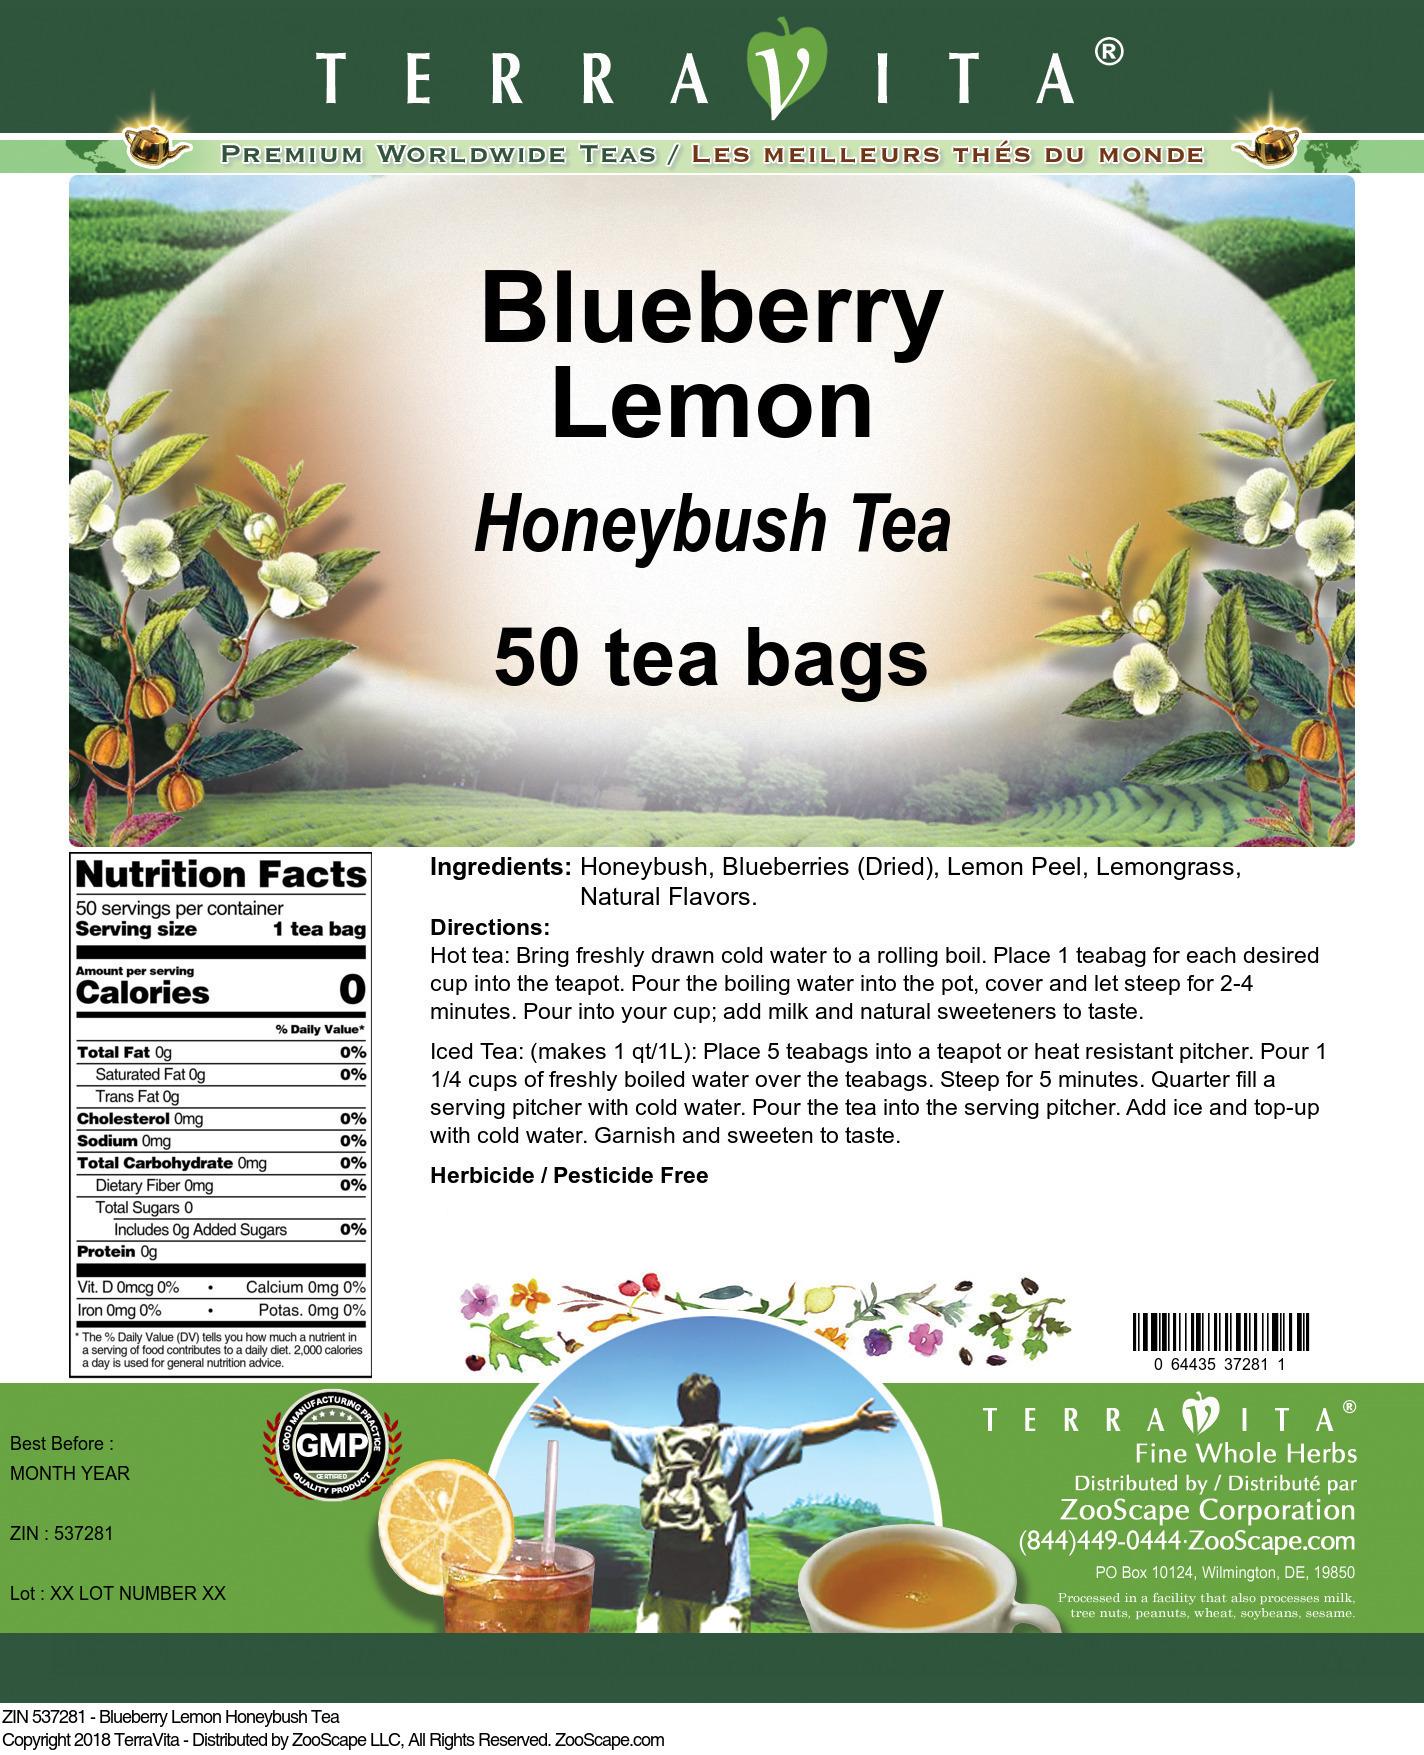 Blueberry Lemon Honeybush Tea